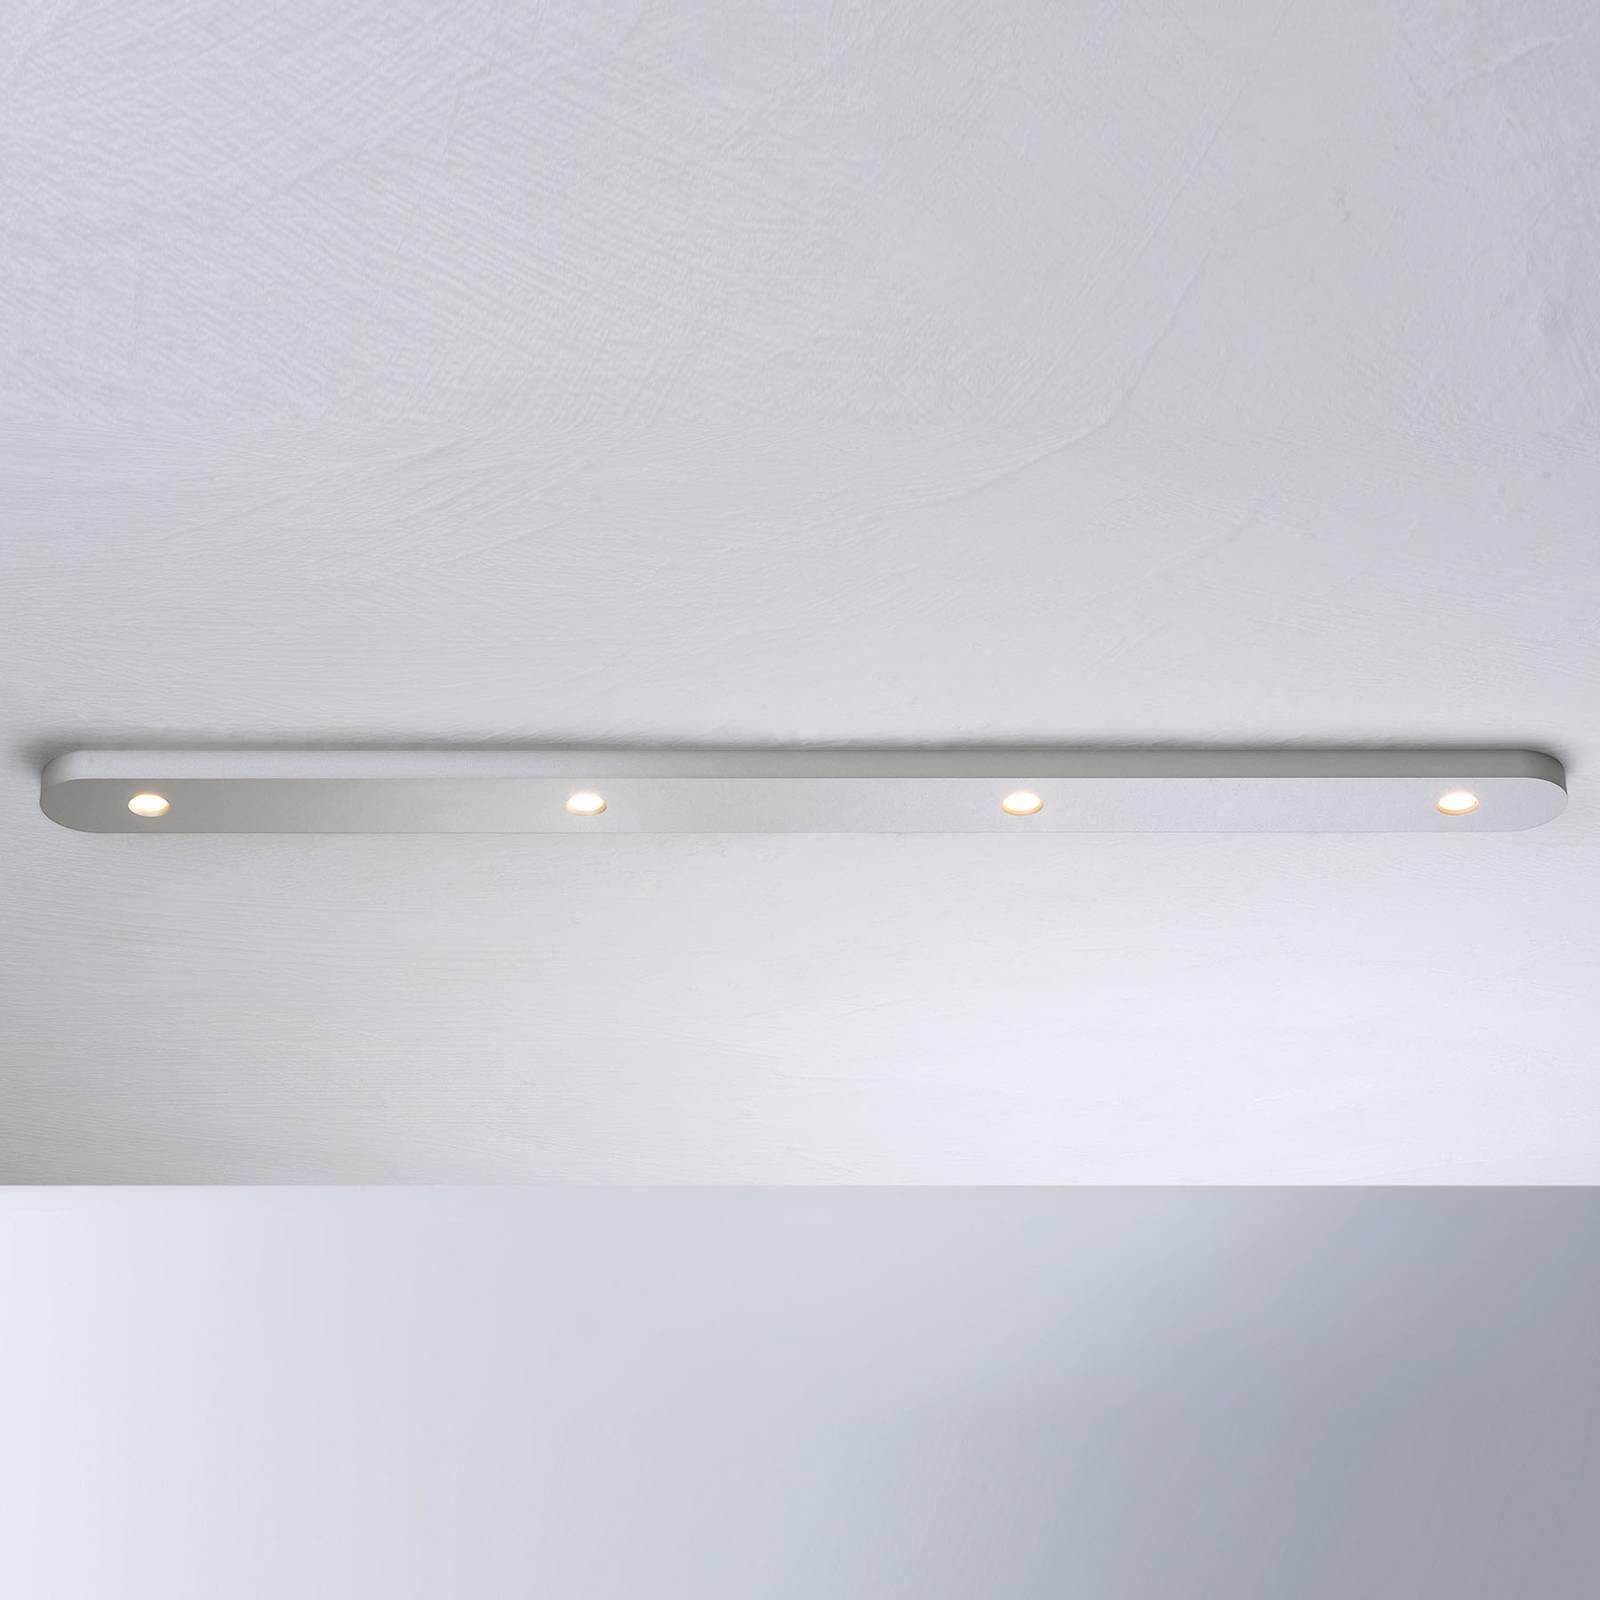 Bopp Close lampa sufitowa LED, 4-pkt. aluminium